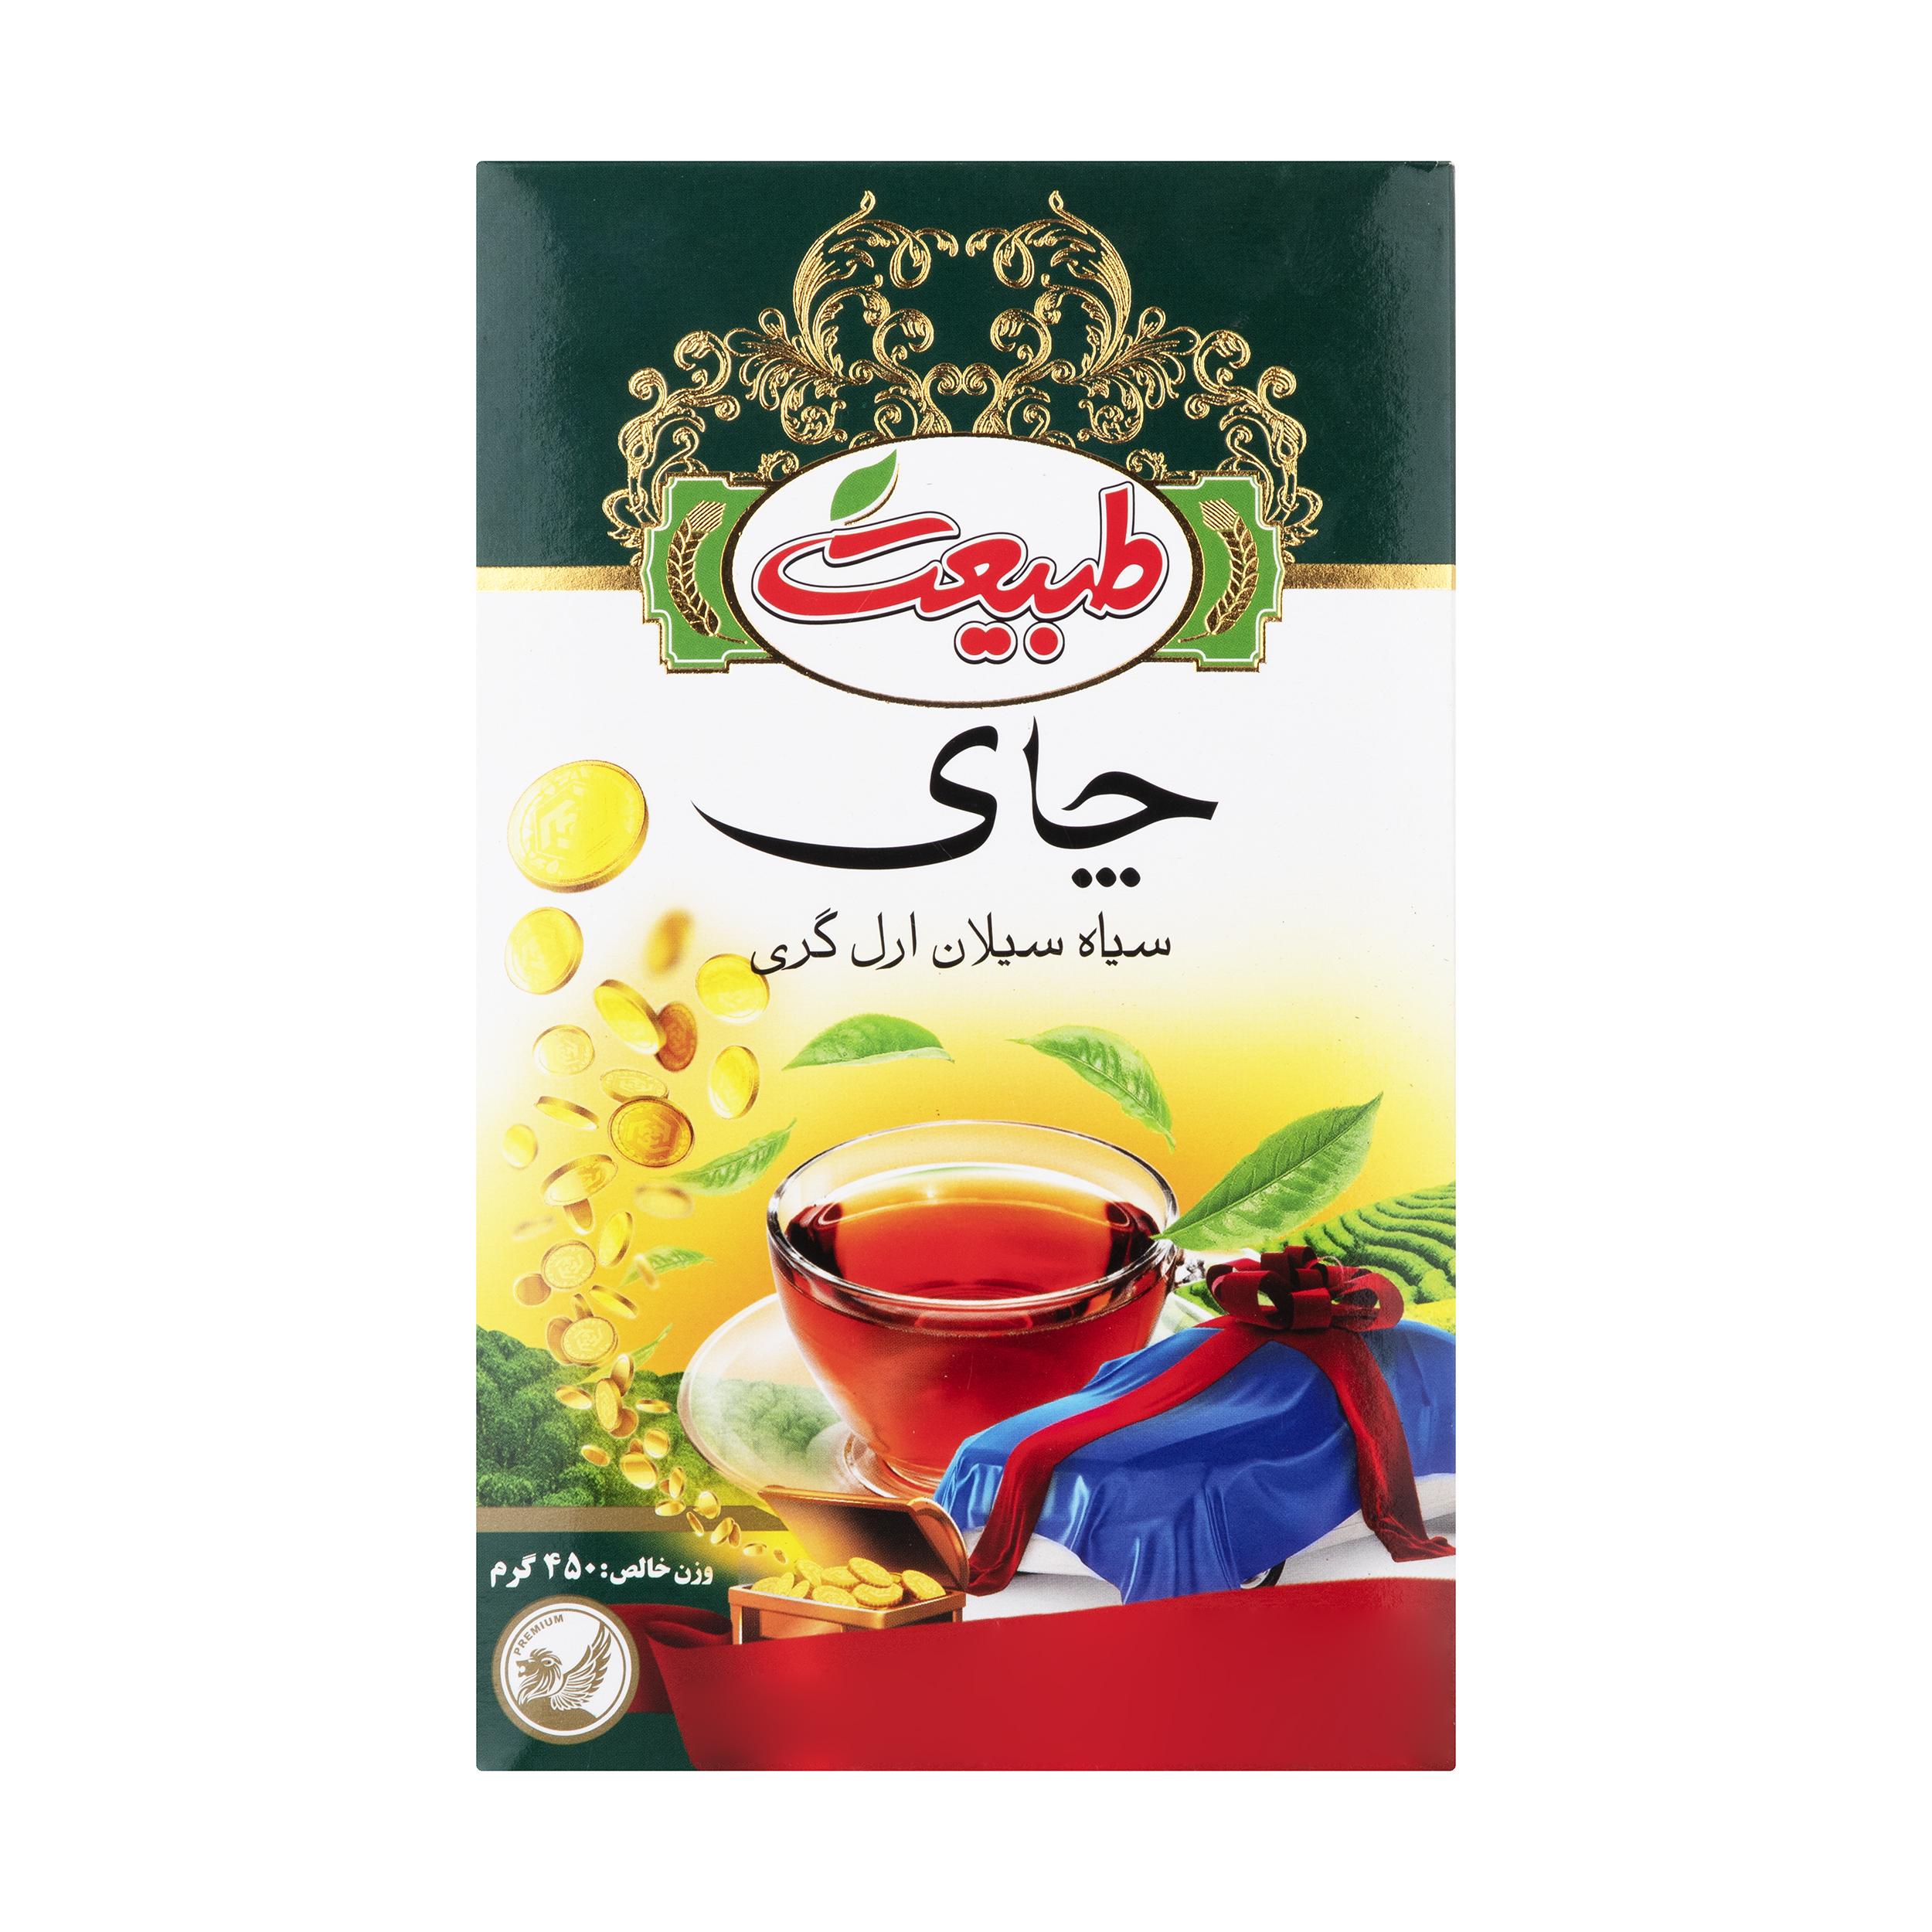 چای سیاه معطر ارل گری طبیعت - 450 گرم